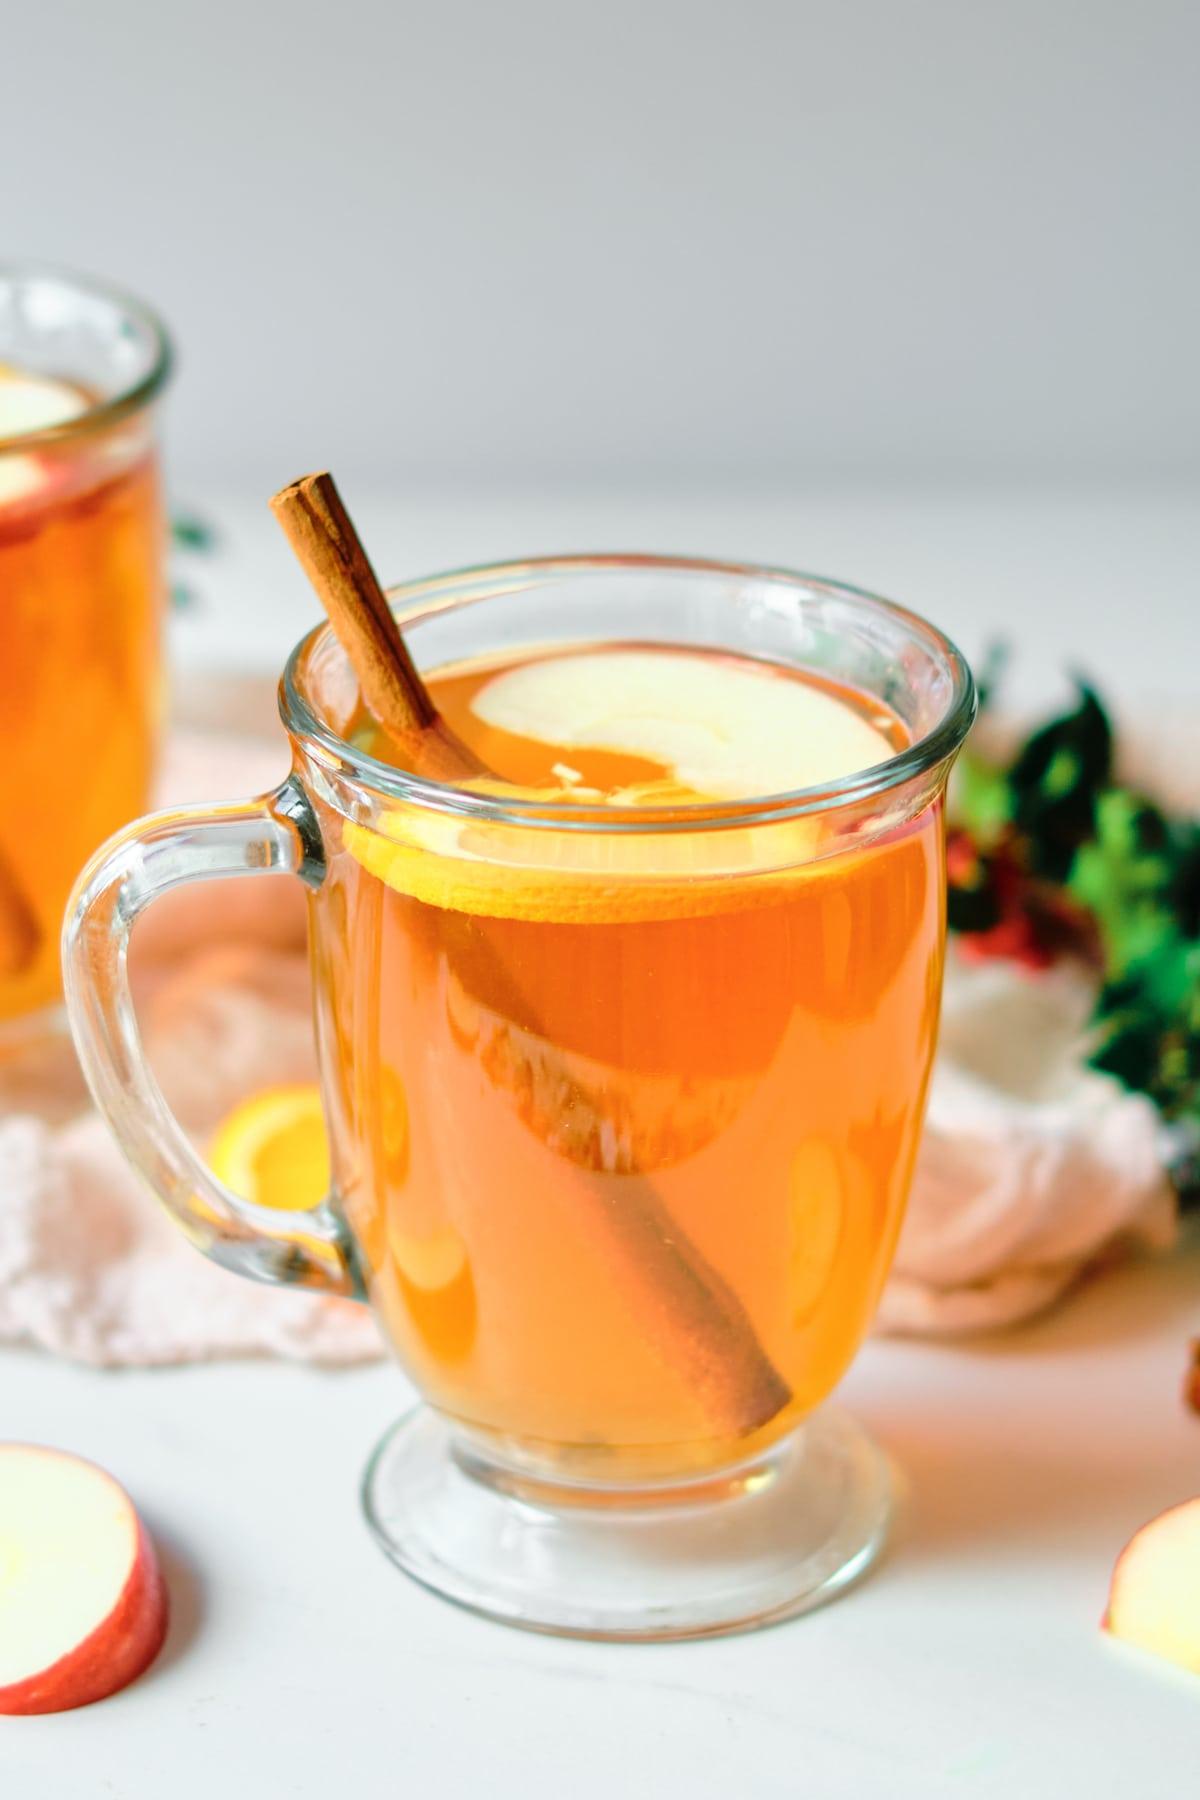 Close-up of Spiced Christmas Tea